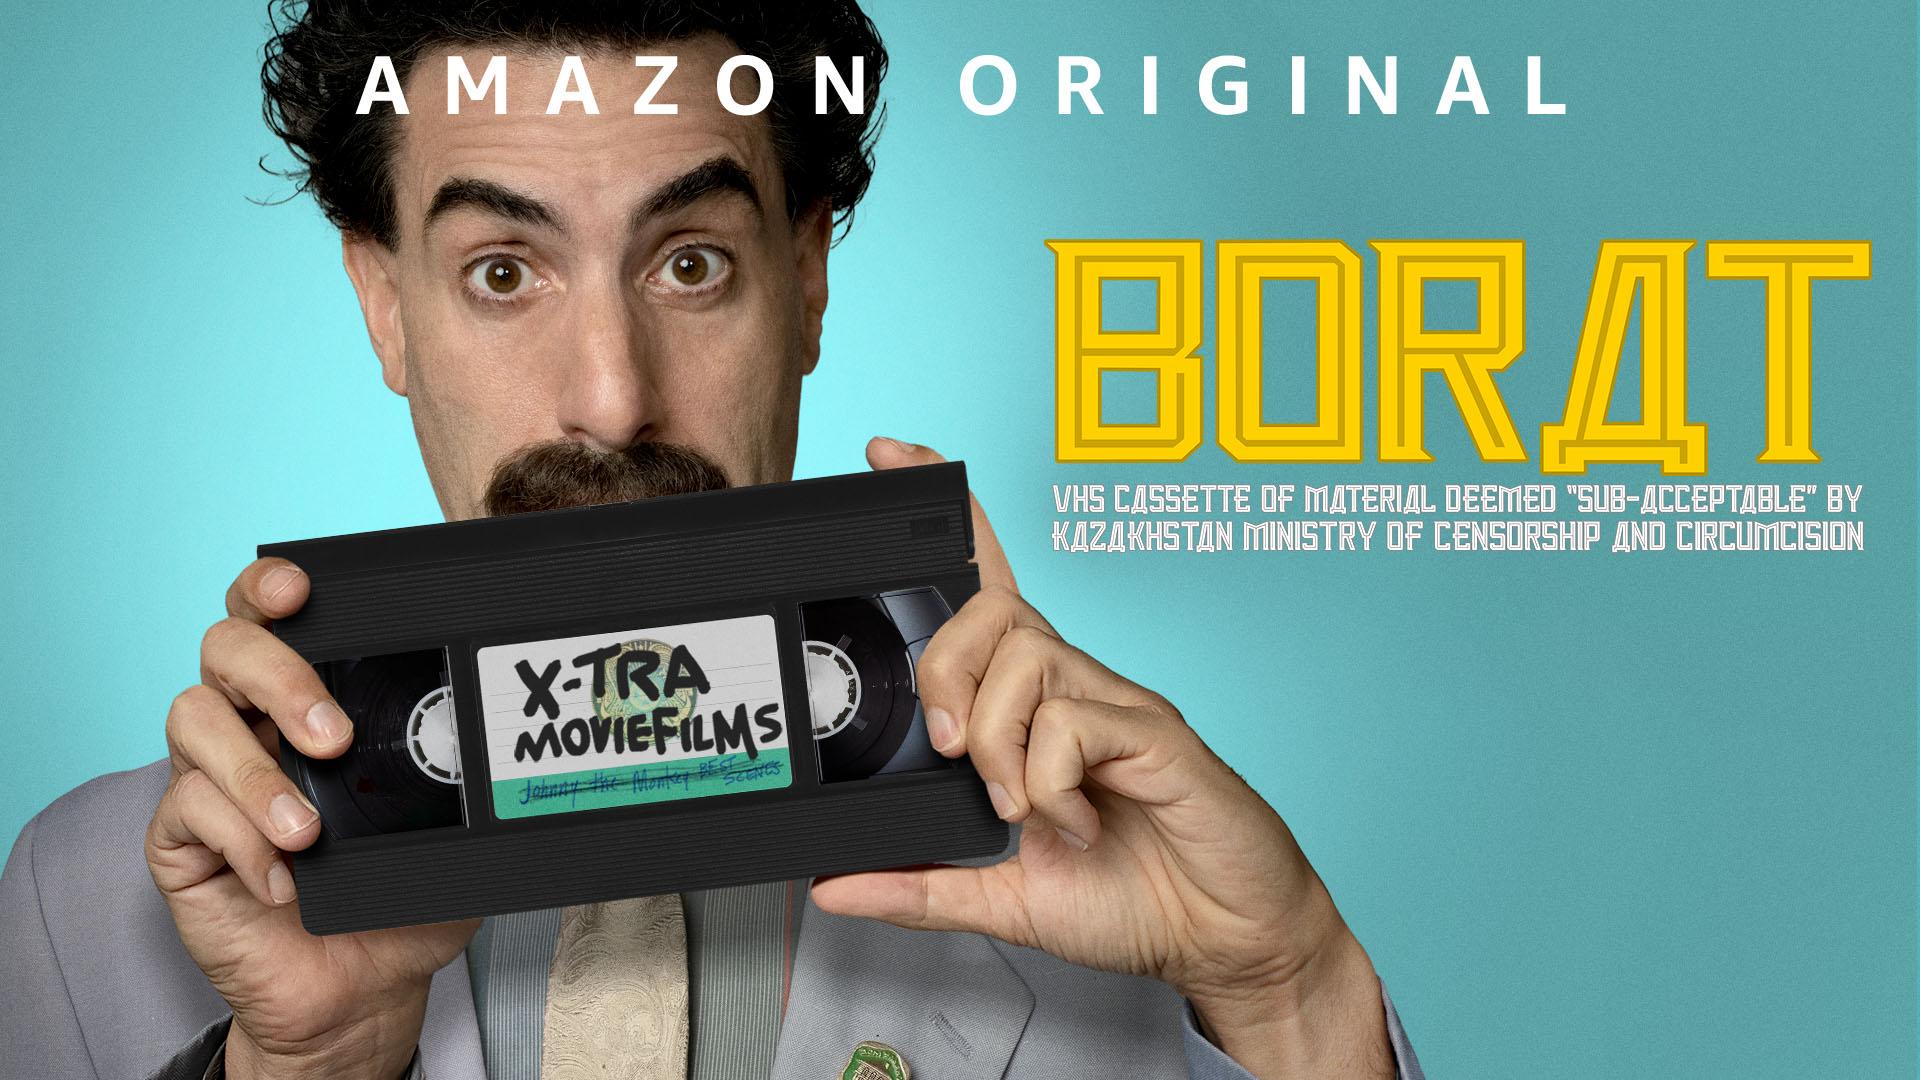 続々・ボラット カザフスタン検閲・割礼省にギリギリ容認された裏VHS映像集 - シーズン1